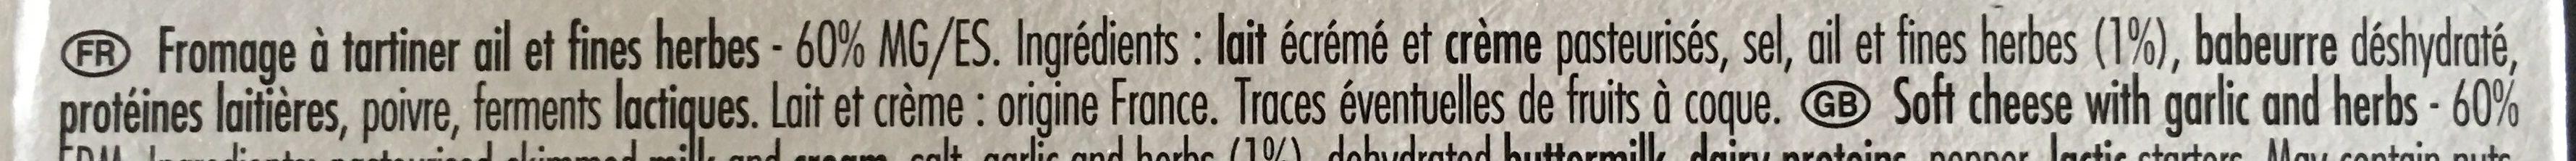 Petit Moulé Ail & Fines herbes - Ingrédients - fr